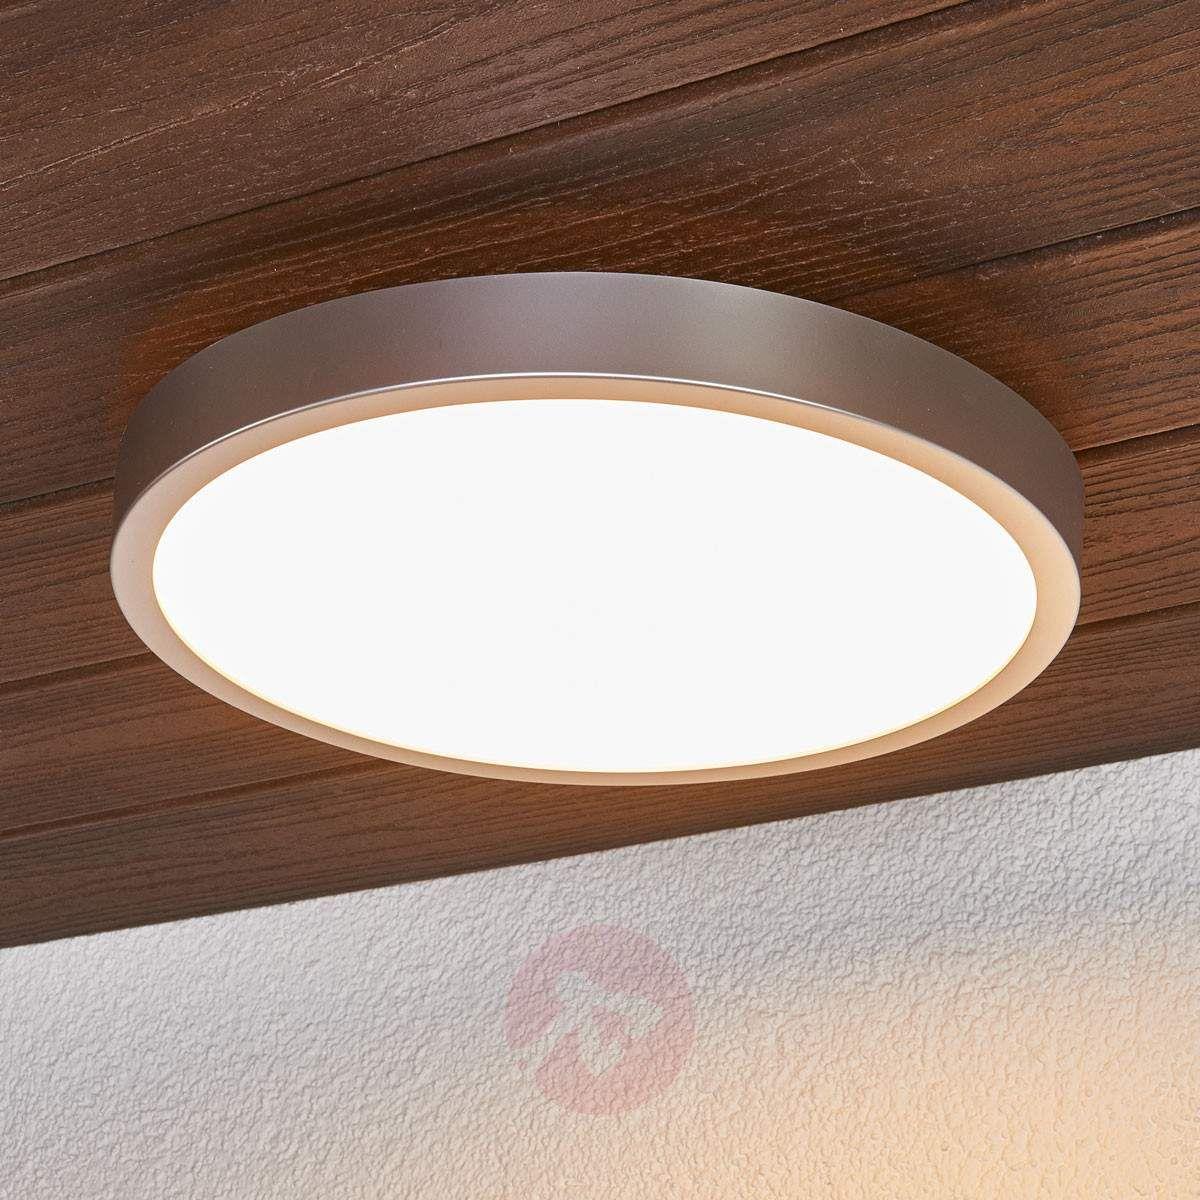 Liyan Zilveren LED plafondlamp voor de badkamer-9945196-30   niet ...